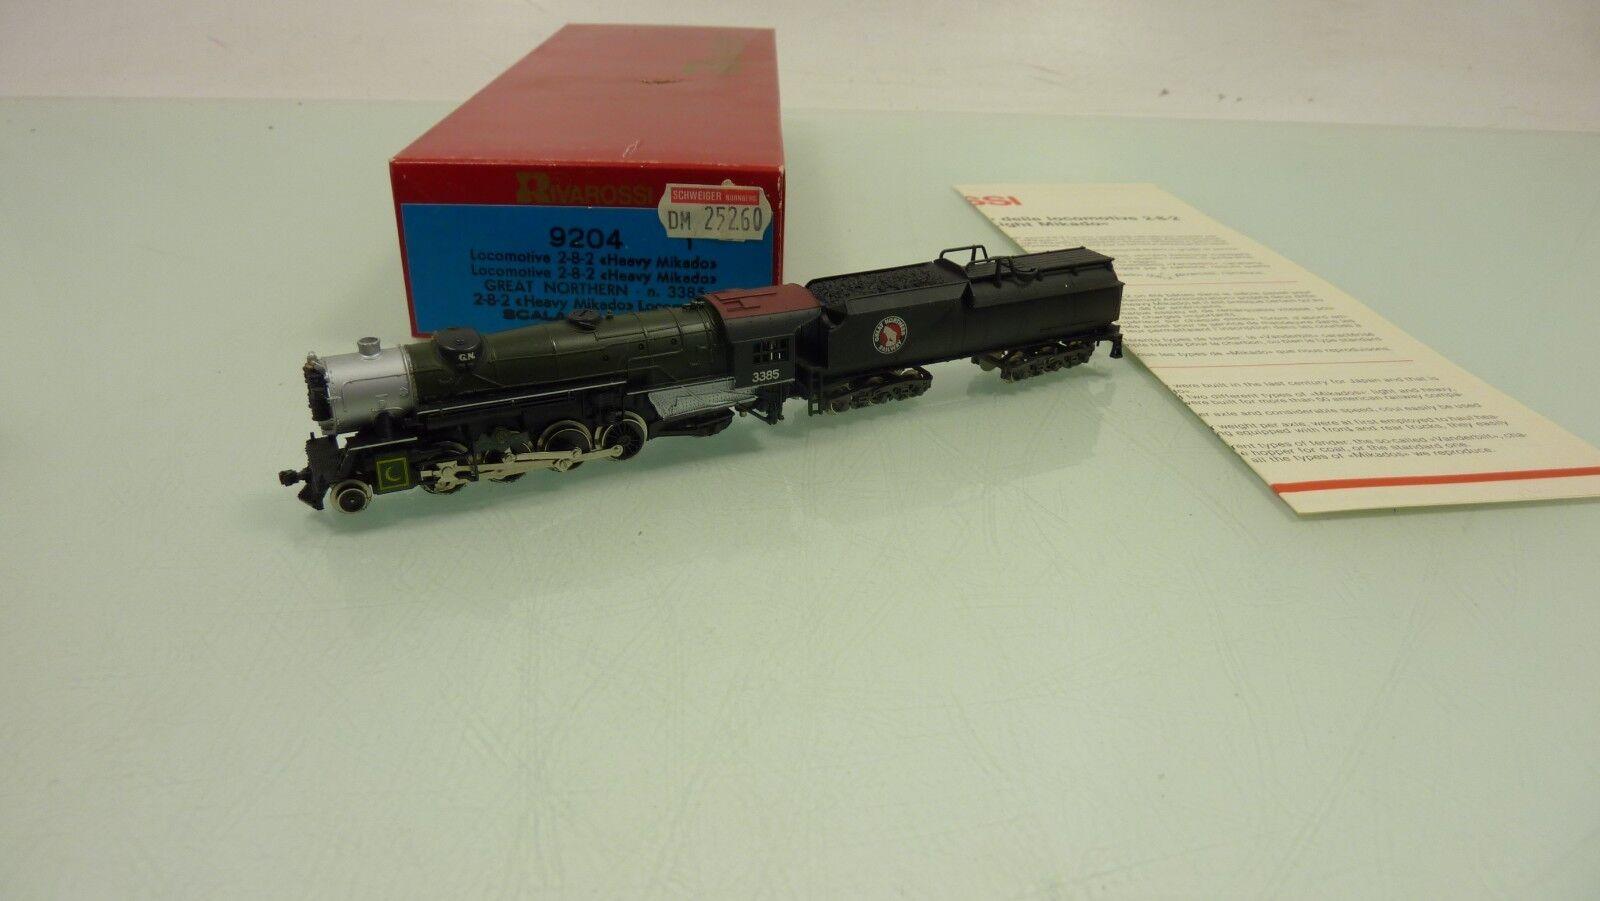 en promociones de estadios Rivarossi pista n 9204 máquina de vapor br br br 3385 de la northern railway en embalaje original (rb4488)  ordenar ahora